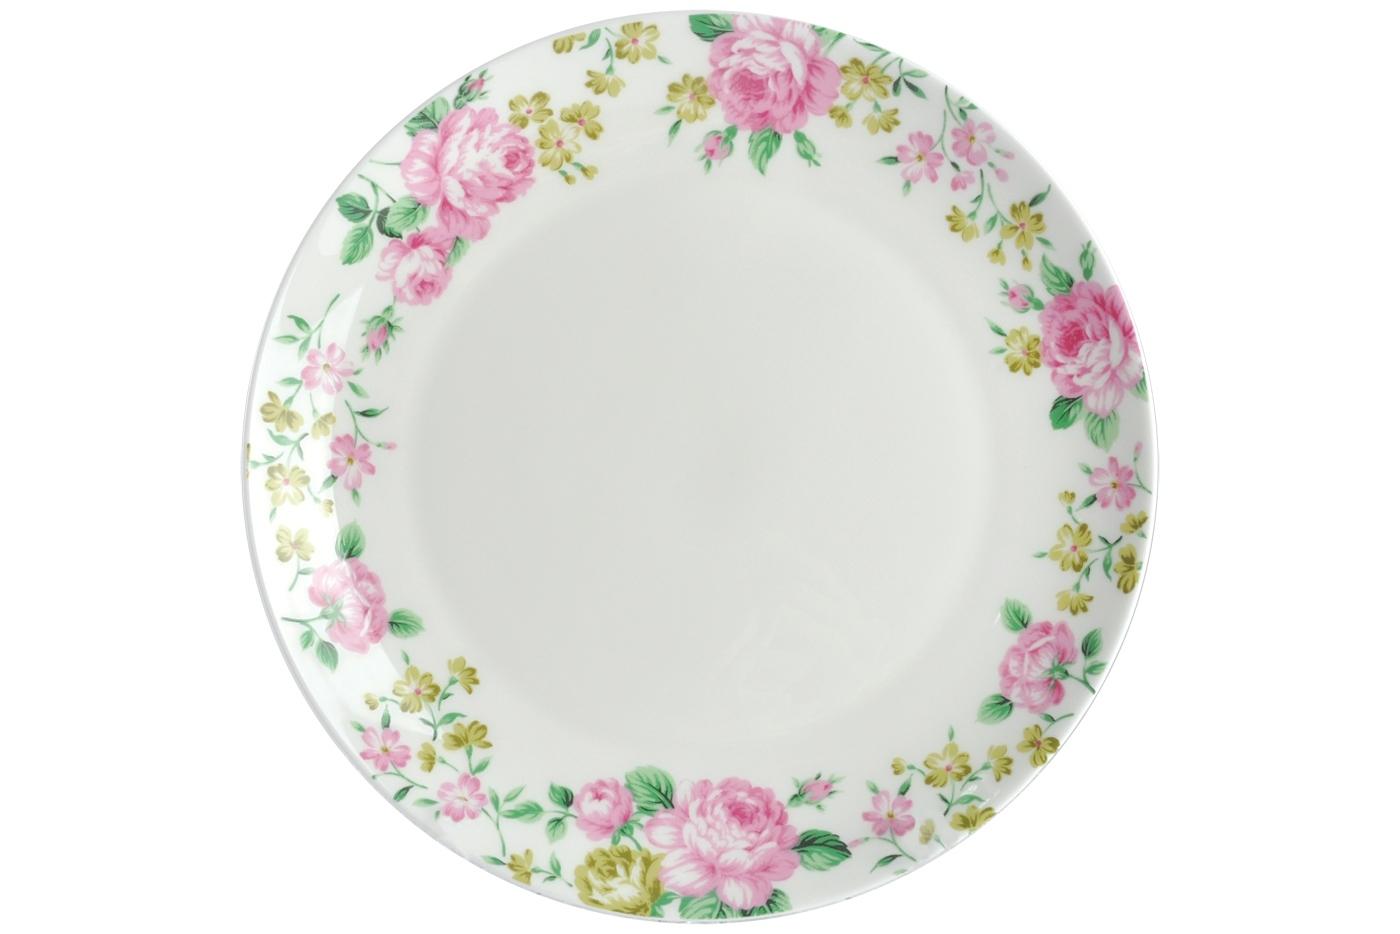 Набор из 6 тарелок Royal Aurel Прованс (25см) арт.624Наборы тарелок<br>Набор из 6 тарелок Royal Aurel Прованс (25см) арт.624<br>Производить посуду из фарфора начали в Китае на стыке 6-7 веков. Неустанно совершенствуя и селективно отбирая сырье для производства посуды из фарфора, мастерам удалось добиться выдающихся характеристик фарфора: белизны и тонкостенности. В XV веке появился особый интерес к китайской фарфоровой посуде, так как в это время Европе возникла мода на самобытные китайские вещи. Роскошный китайский фарфор являлся изыском и был в новинку, поэтому он выступал в качестве подарка королям, а также знатным людям. Такой дорогой подарок был очень престижен и по праву являлся элитной посудой. Как известно из многочисленных исторических документов, в Европе китайские изделия из фарфора ценились практически как золото. <br>Проверка изделий из костяного фарфора на подлинность <br>По сравнению с производством других видов фарфора процесс производства изделий из настоящего костяного фарфора сложен и весьма длителен. Посуда из изящного фарфора - это элитная посуда, которая всегда ассоциируется с богатством, величием и благородством. Несмотря на небольшую толщину, фарфоровая посуда - это очень прочное изделие. Для демонстрации плотности и прочности фарфора можно легко коснуться предметов посуды из фарфора деревянной палочкой, и тогда мы услушим характерный металлический звон. В составе фарфоровой посуды присутствует костяная зола, благодаря чему она может быть намного тоньше (не более 2,5 мм) и легче твердого или мягкого фарфора. Безупречная белизна - ключевой признак отличия такого фарфора от других. Цвет обычного фарфора сероватый или ближе к голубоватому, а костяной фарфор будет всегда будет молочно-белого цвета. Характерная и немаловажная деталь - это невесомая прозрачность изделий из фарфора такая, что сквозь него проходит свет.<br>